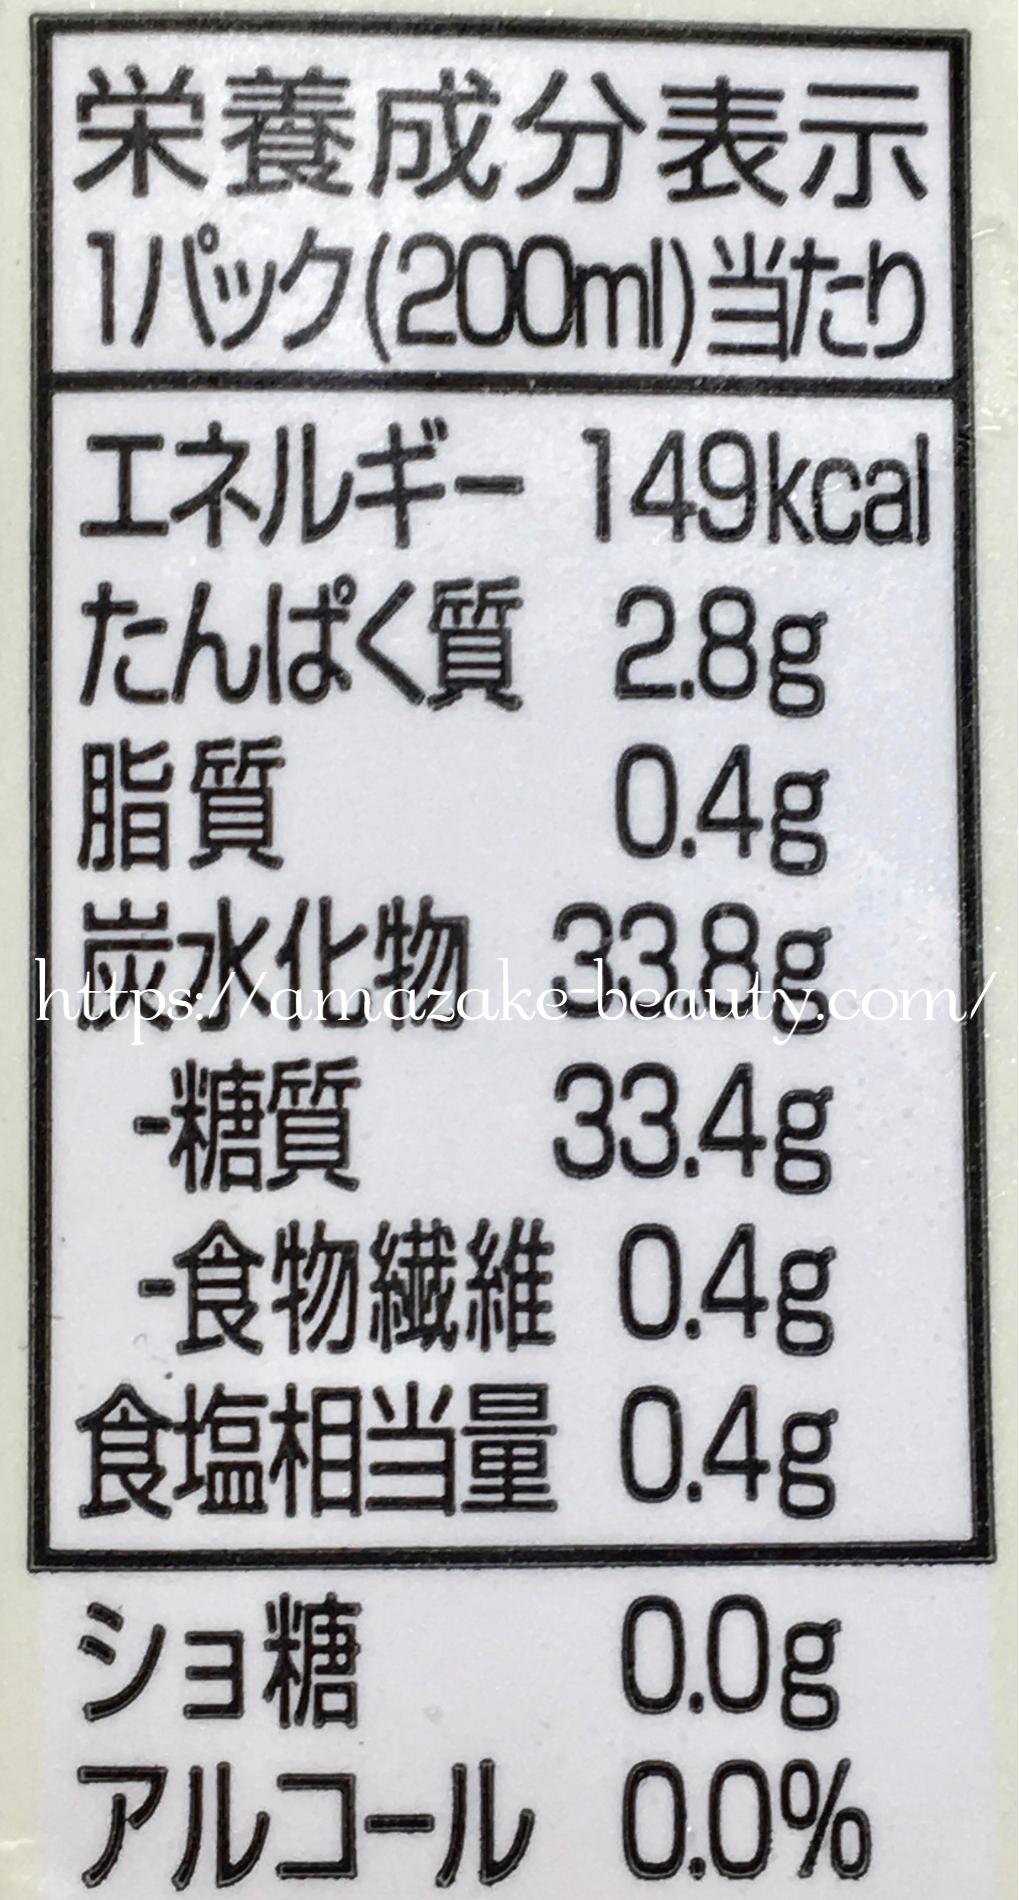 ([amazake]marusanai[amazake]nutrition information)